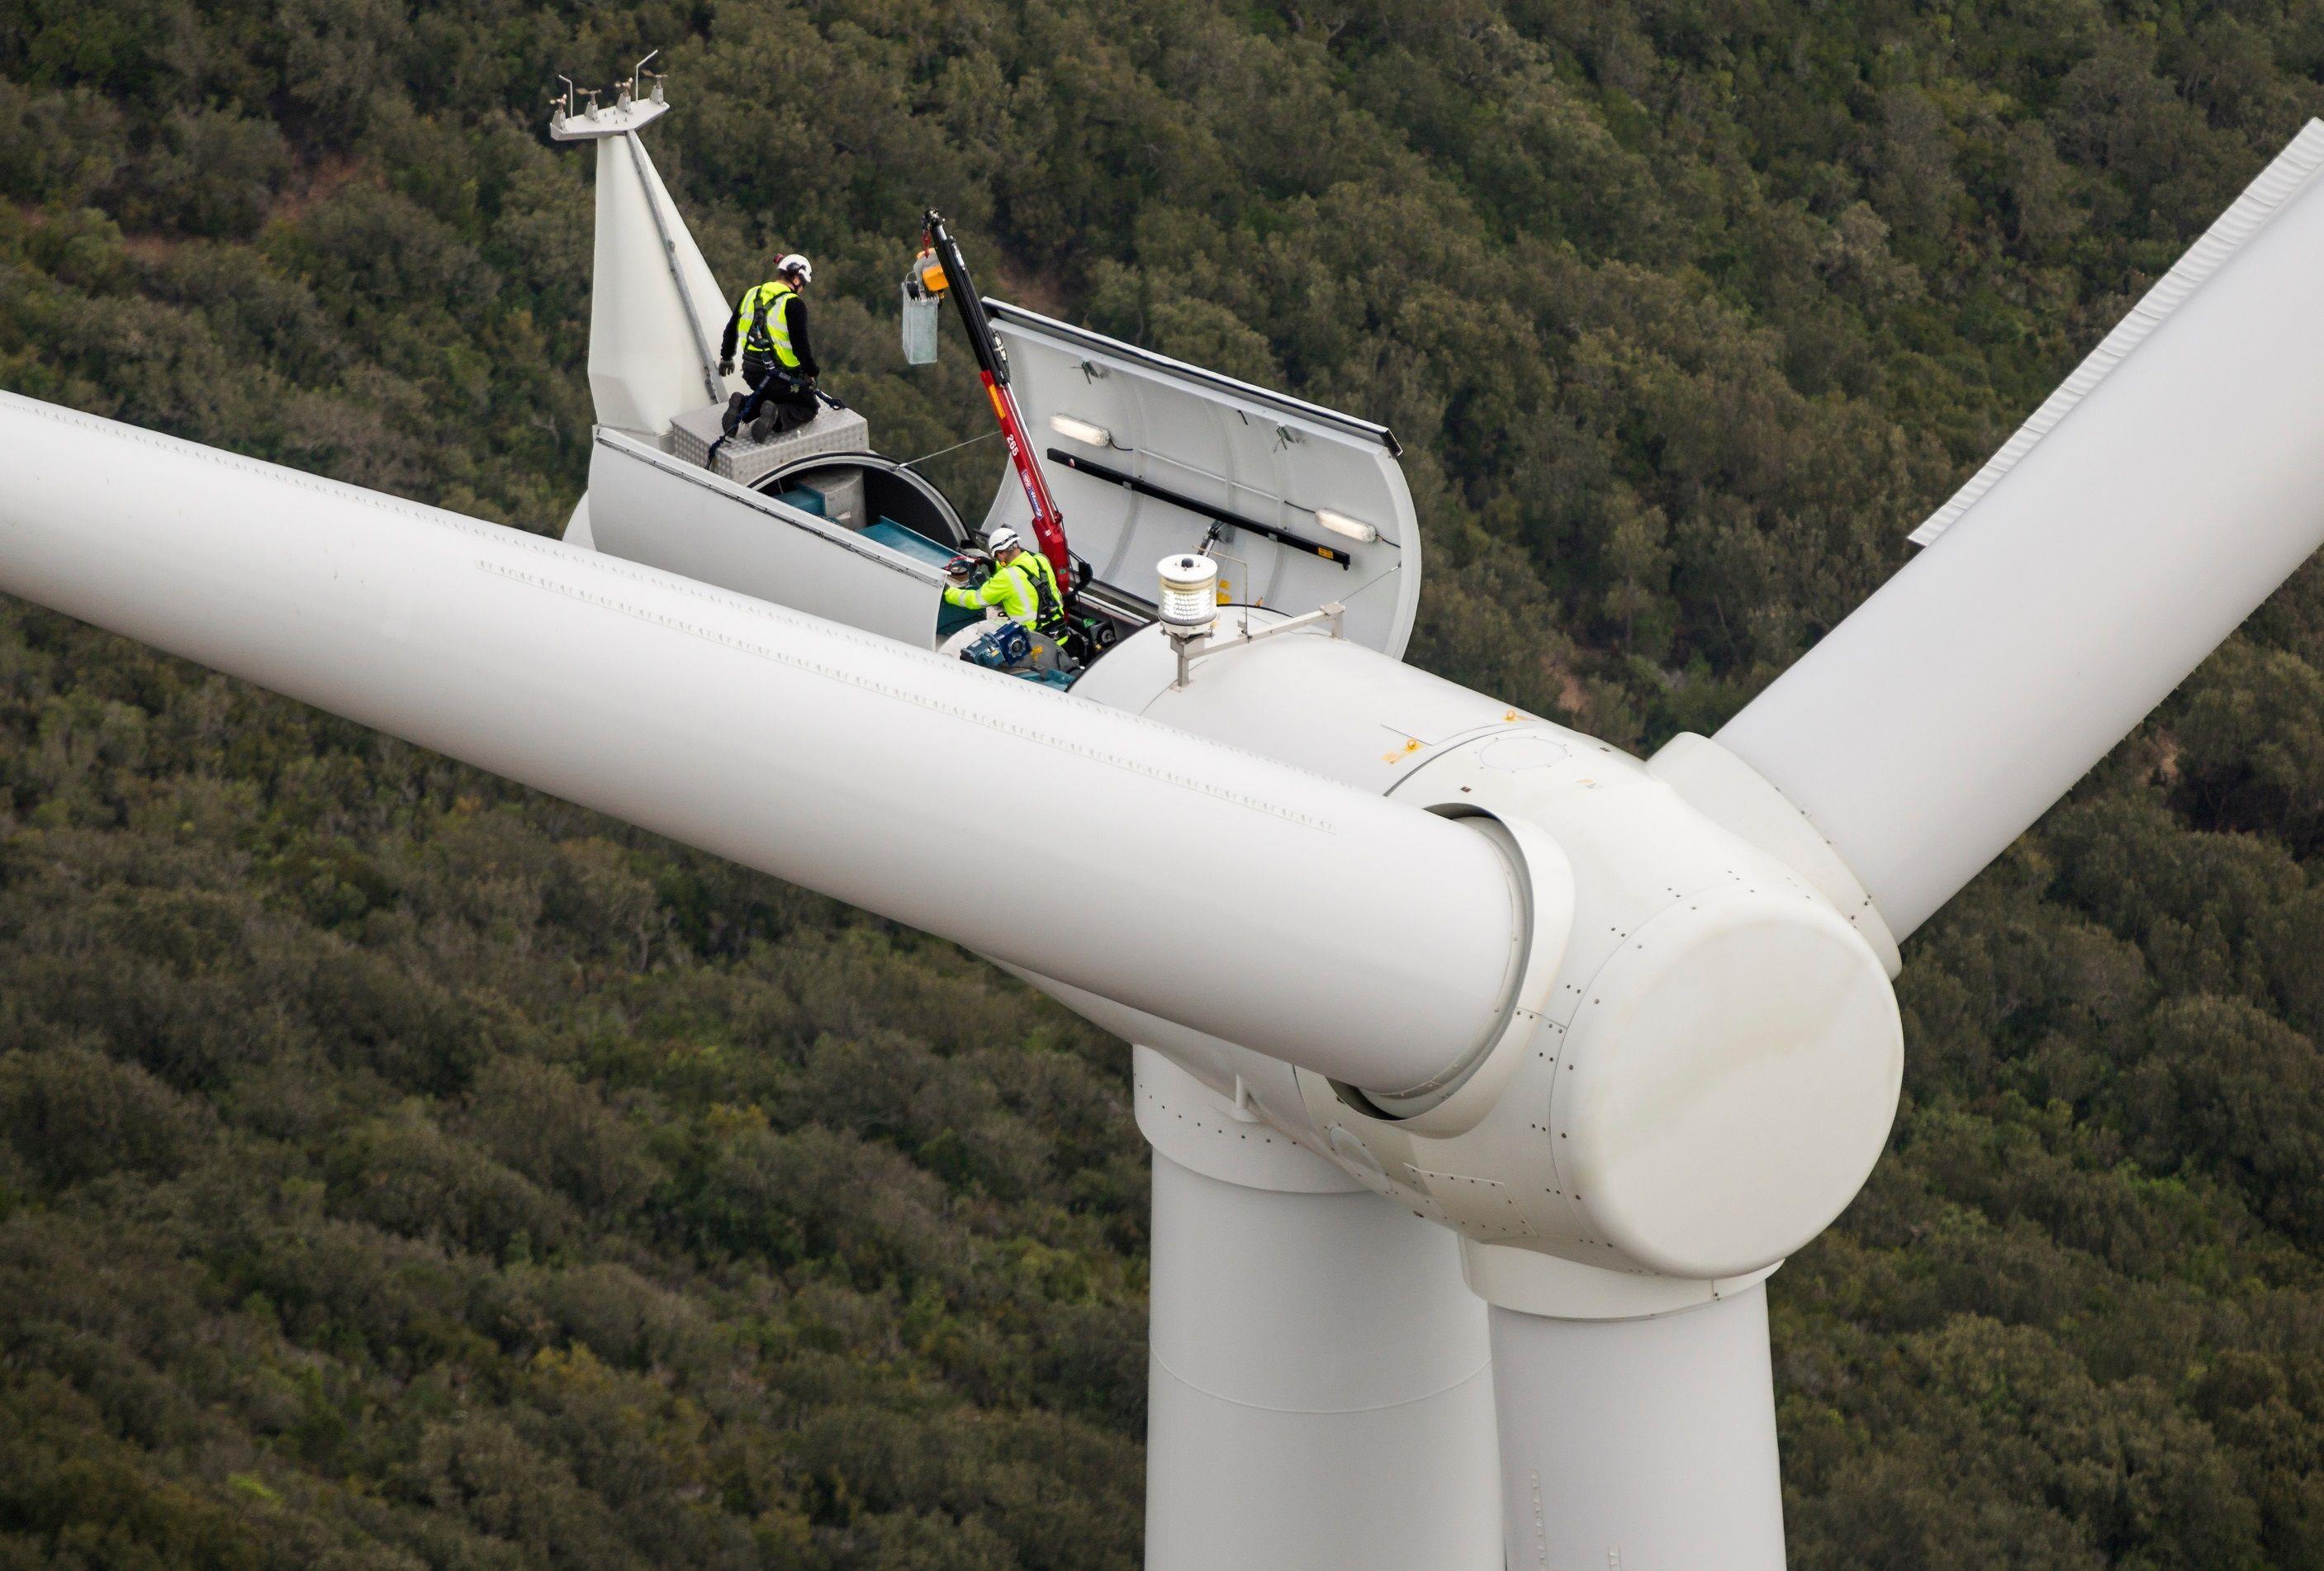 欧洲19家风机及配件厂关闭 全部位于西班牙和意大利